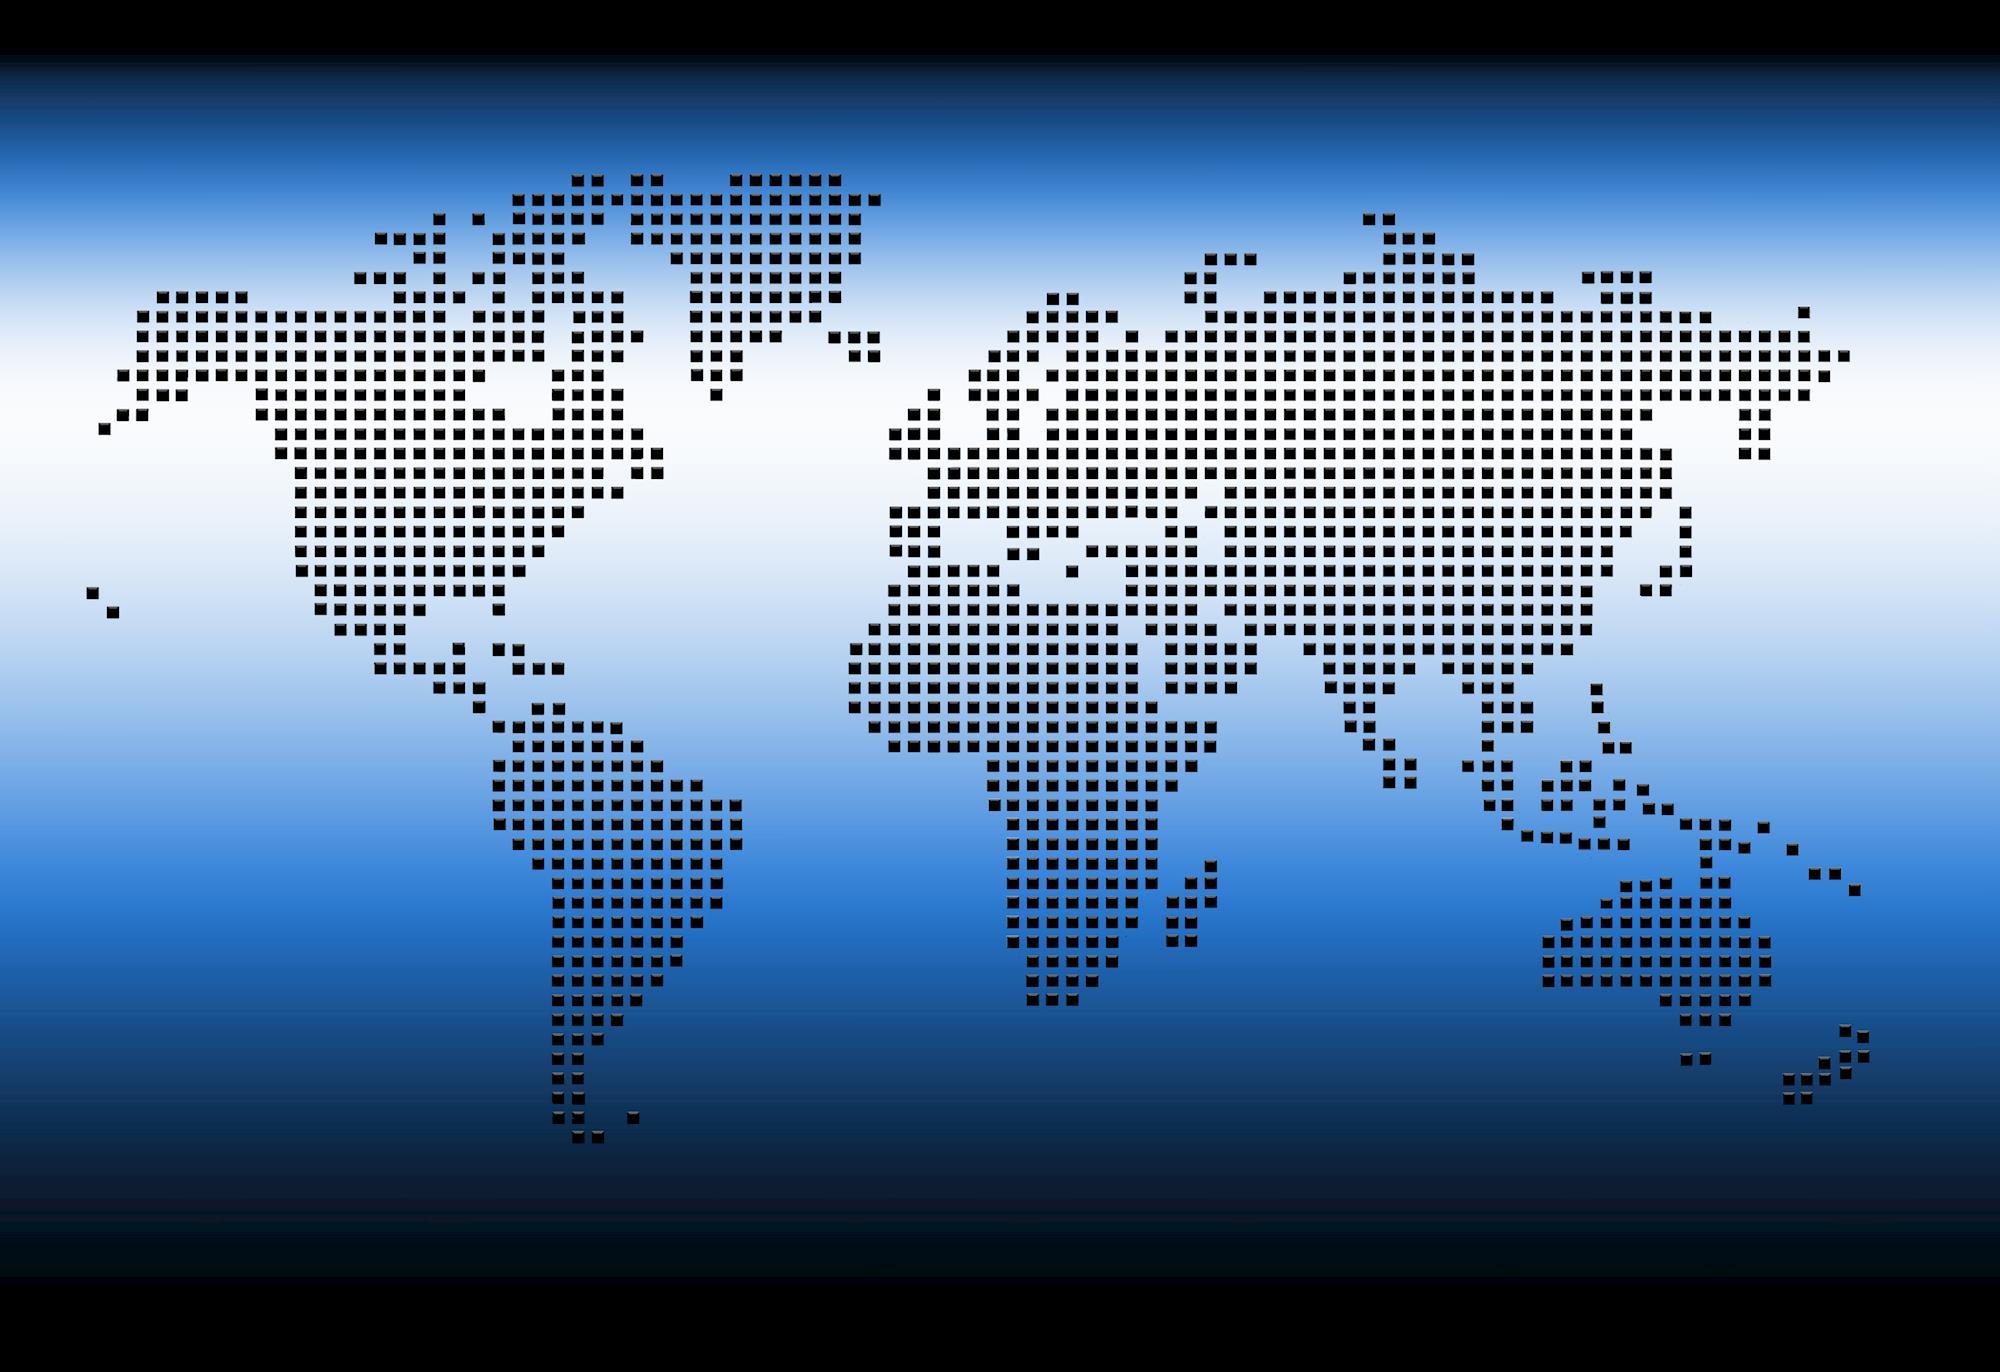 Diferentes valores no mundo corporativo - por Marcos Sawaya Jank